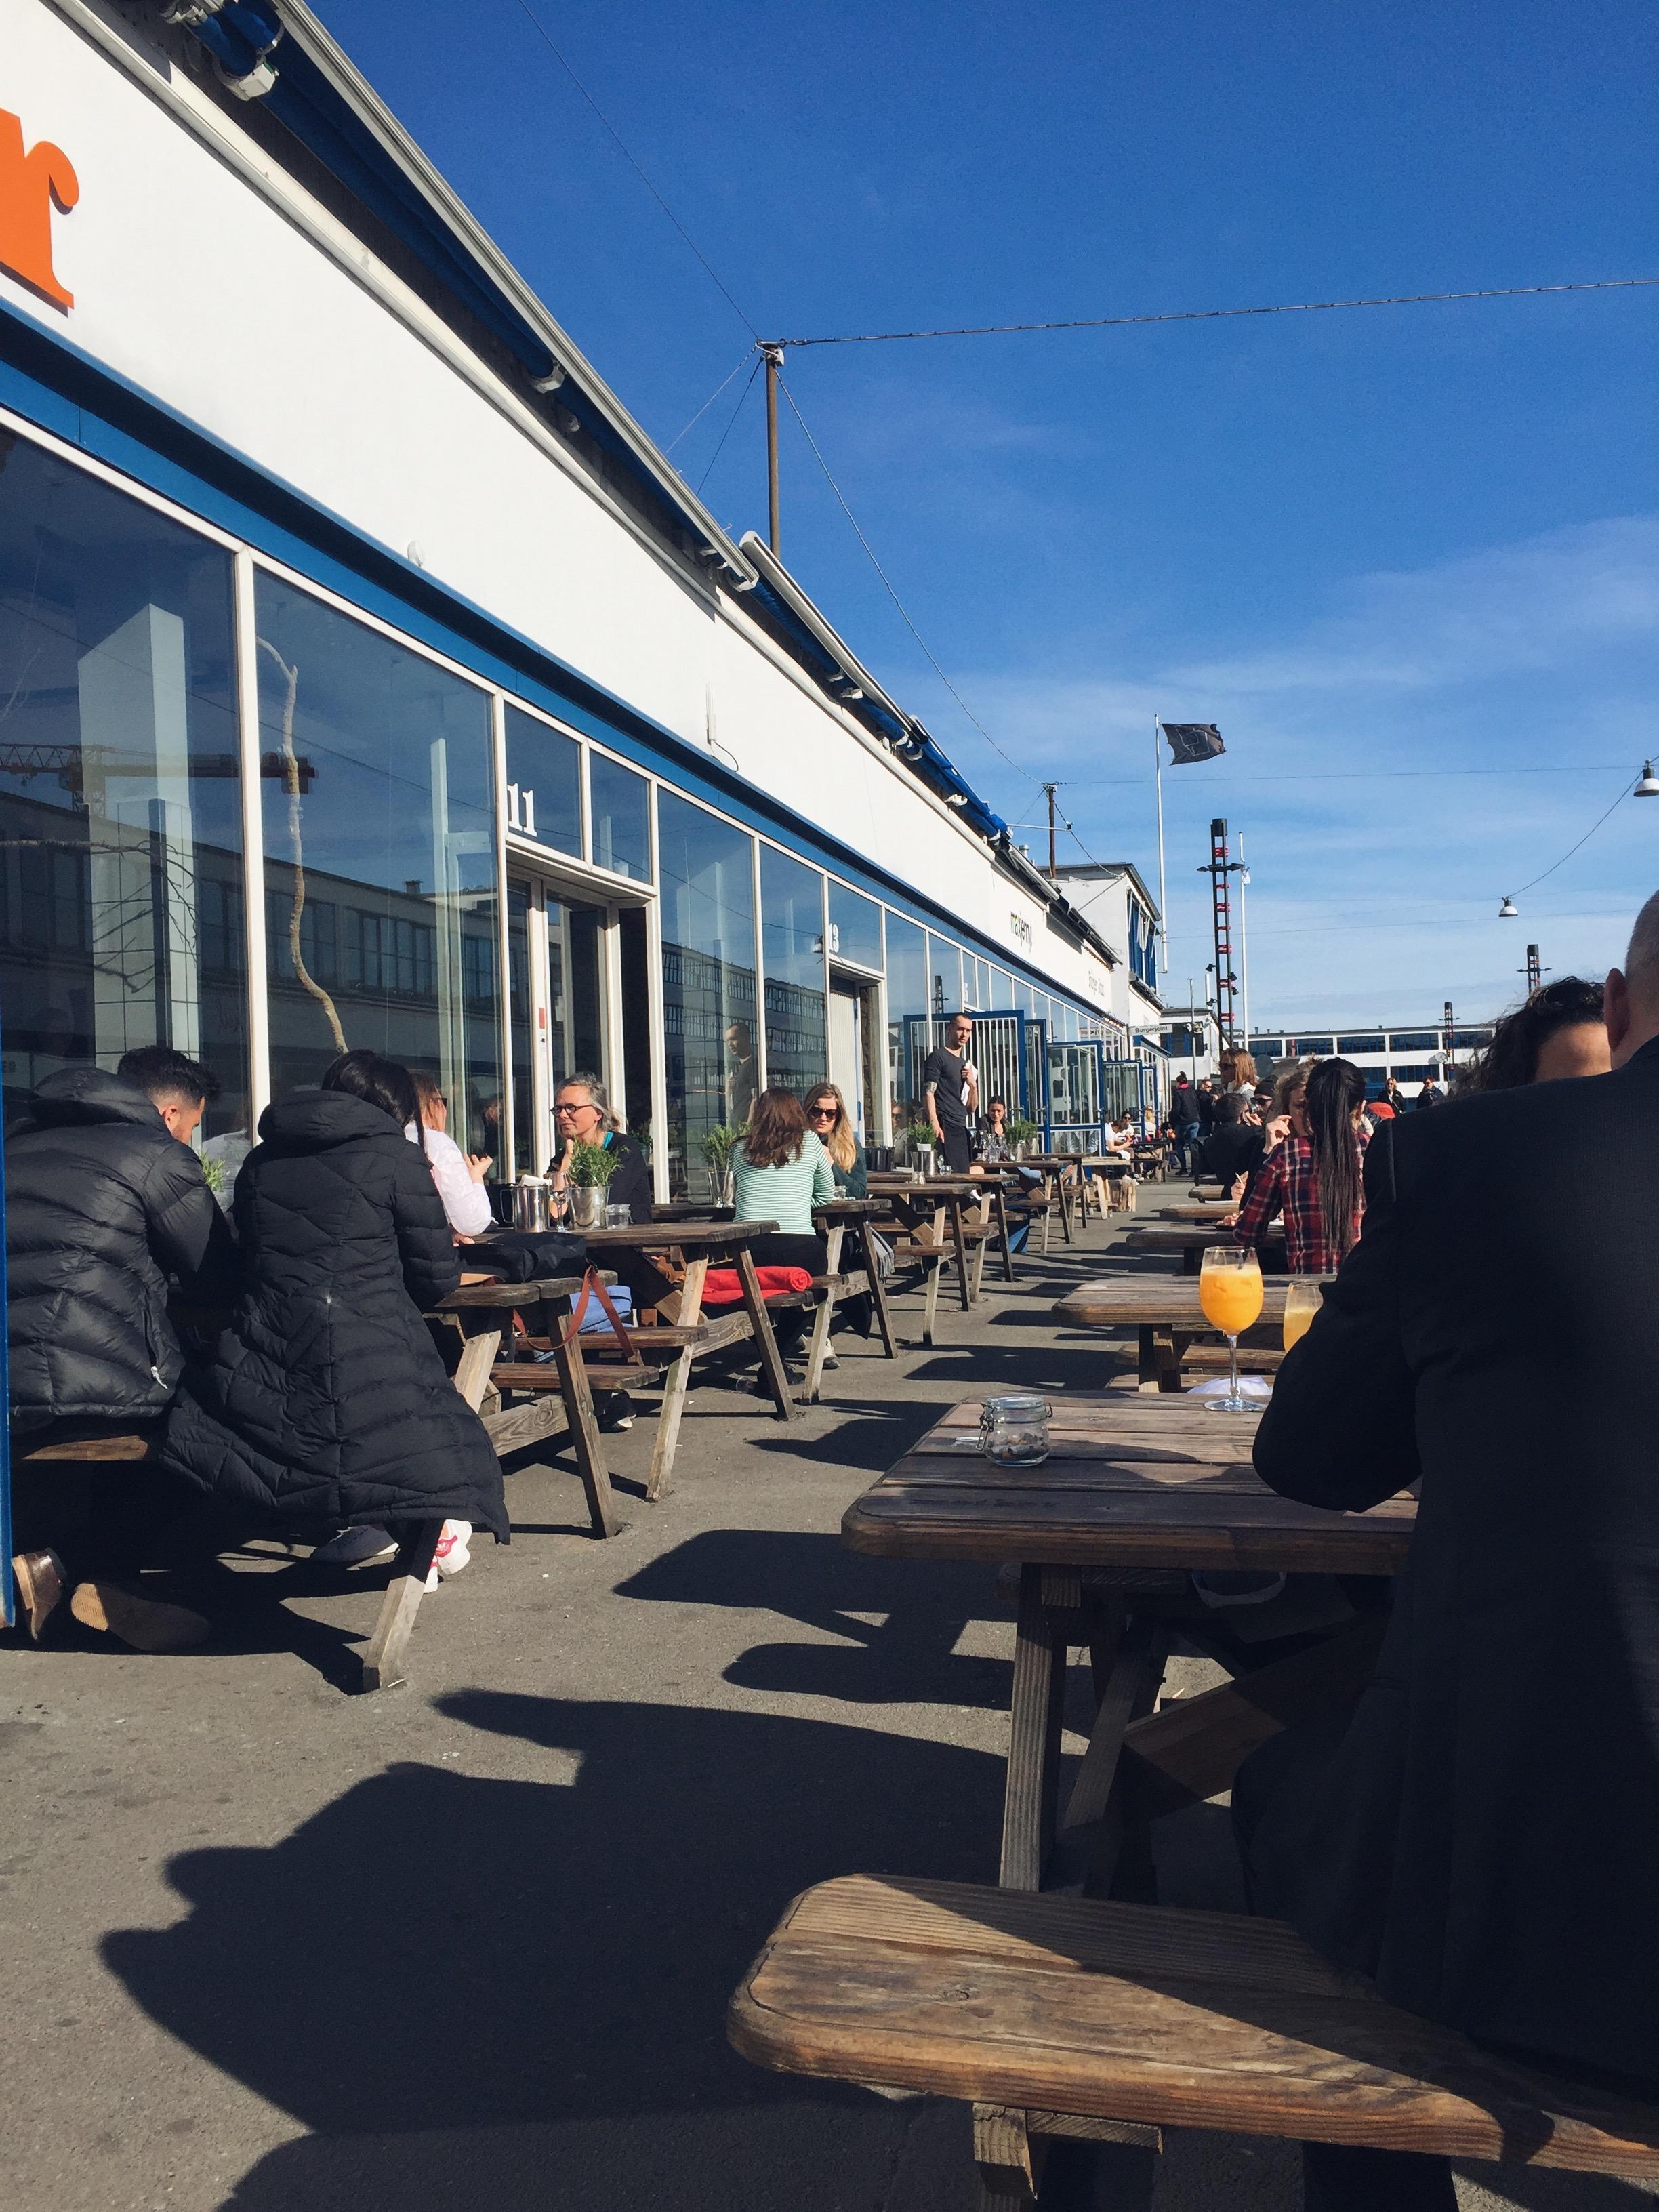 Cafe Mother kopenhagen